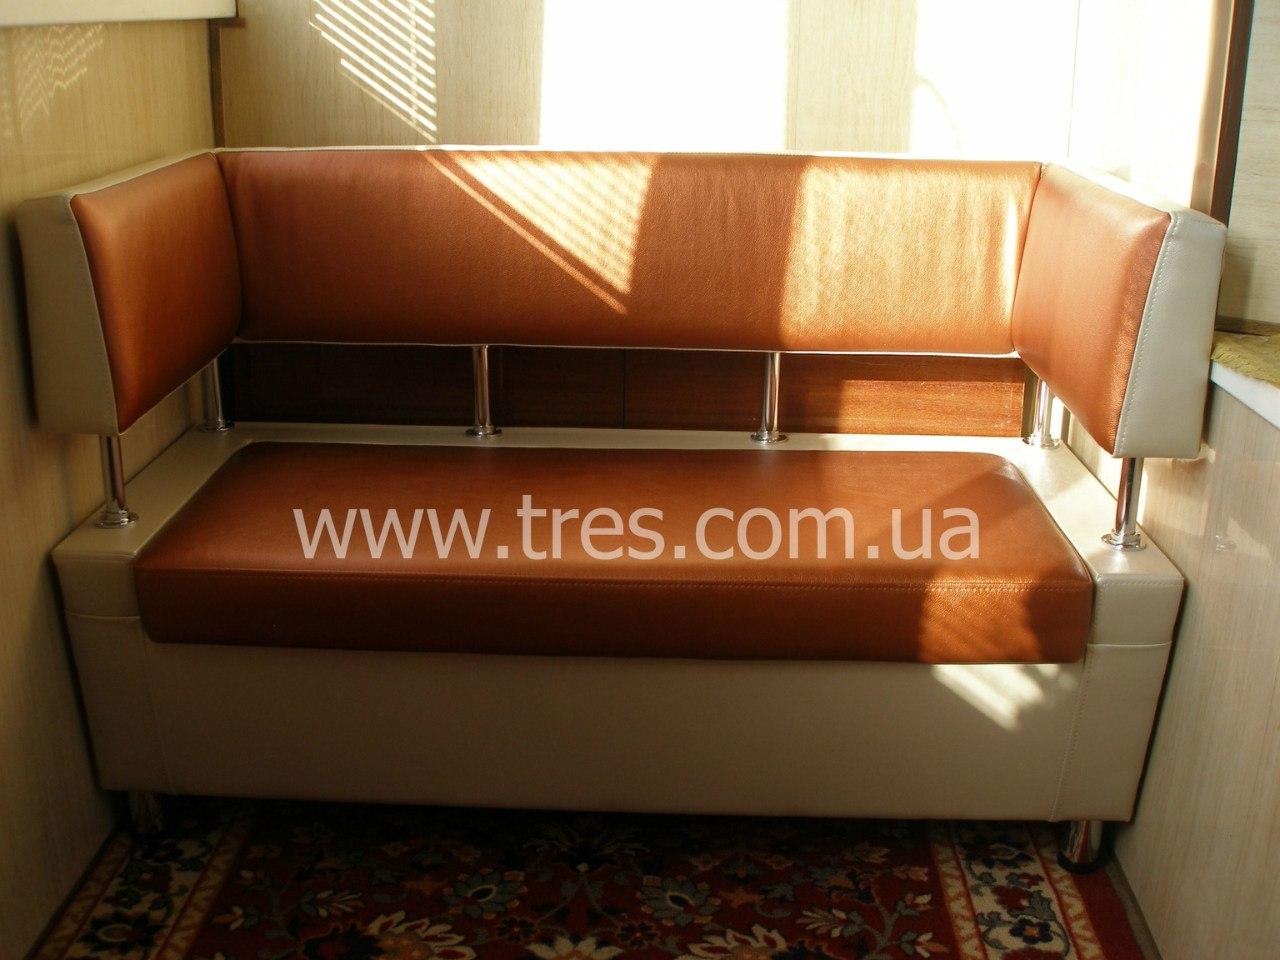 Кухонная лавка 777 с п-образной спинкой на кухню диван для к.